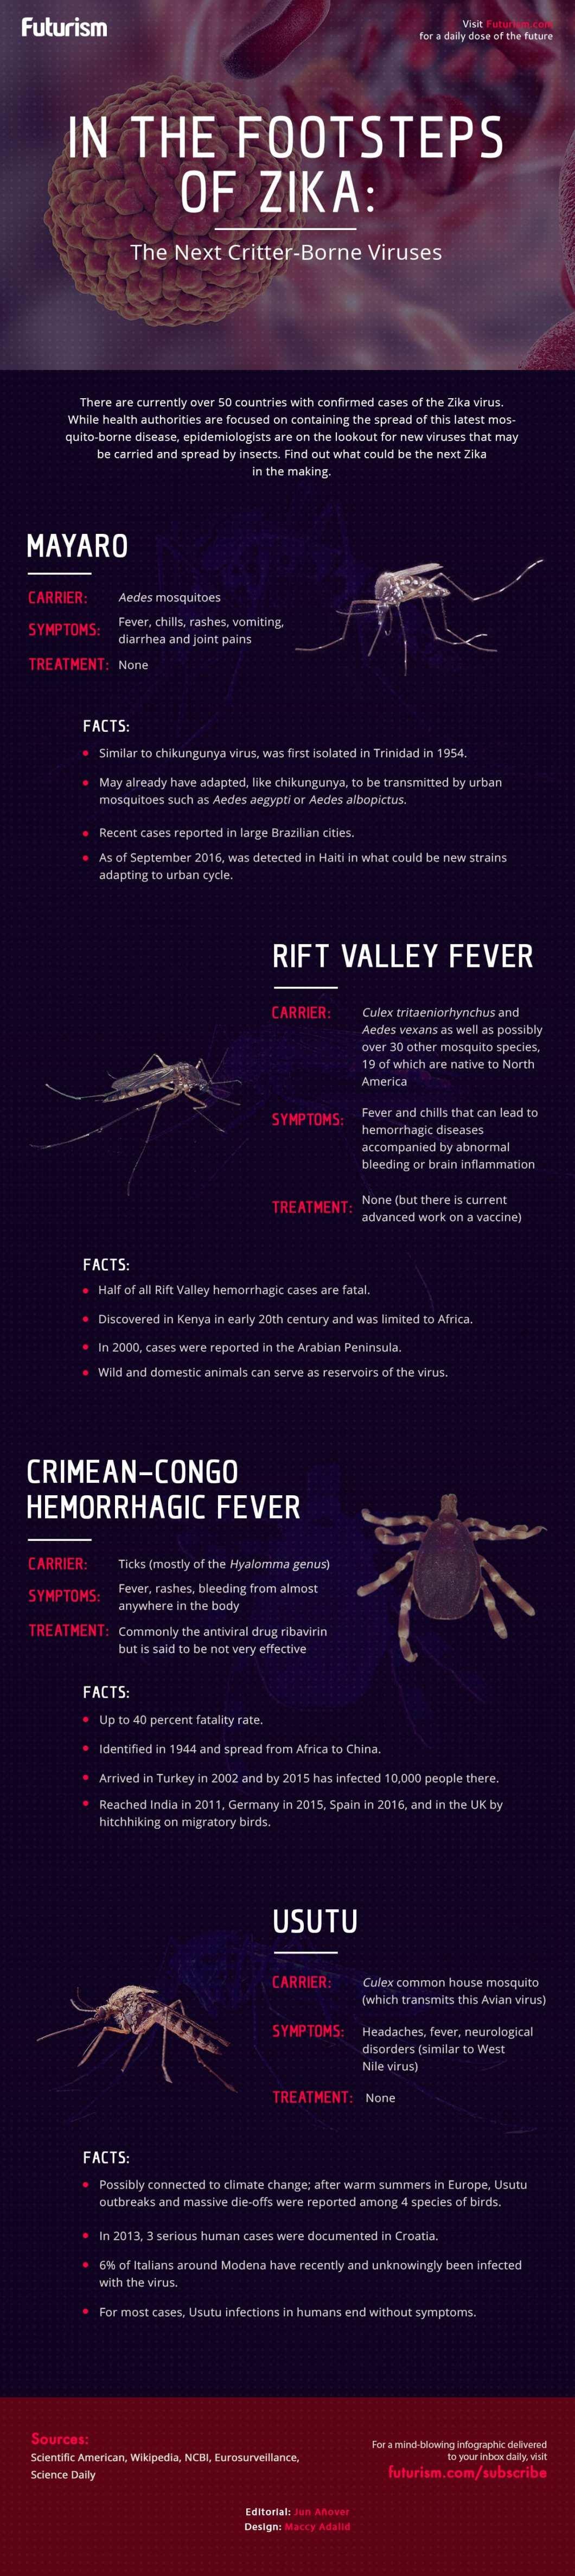 Upcoming Zika-Like Viruses To Beware Of - Infographic